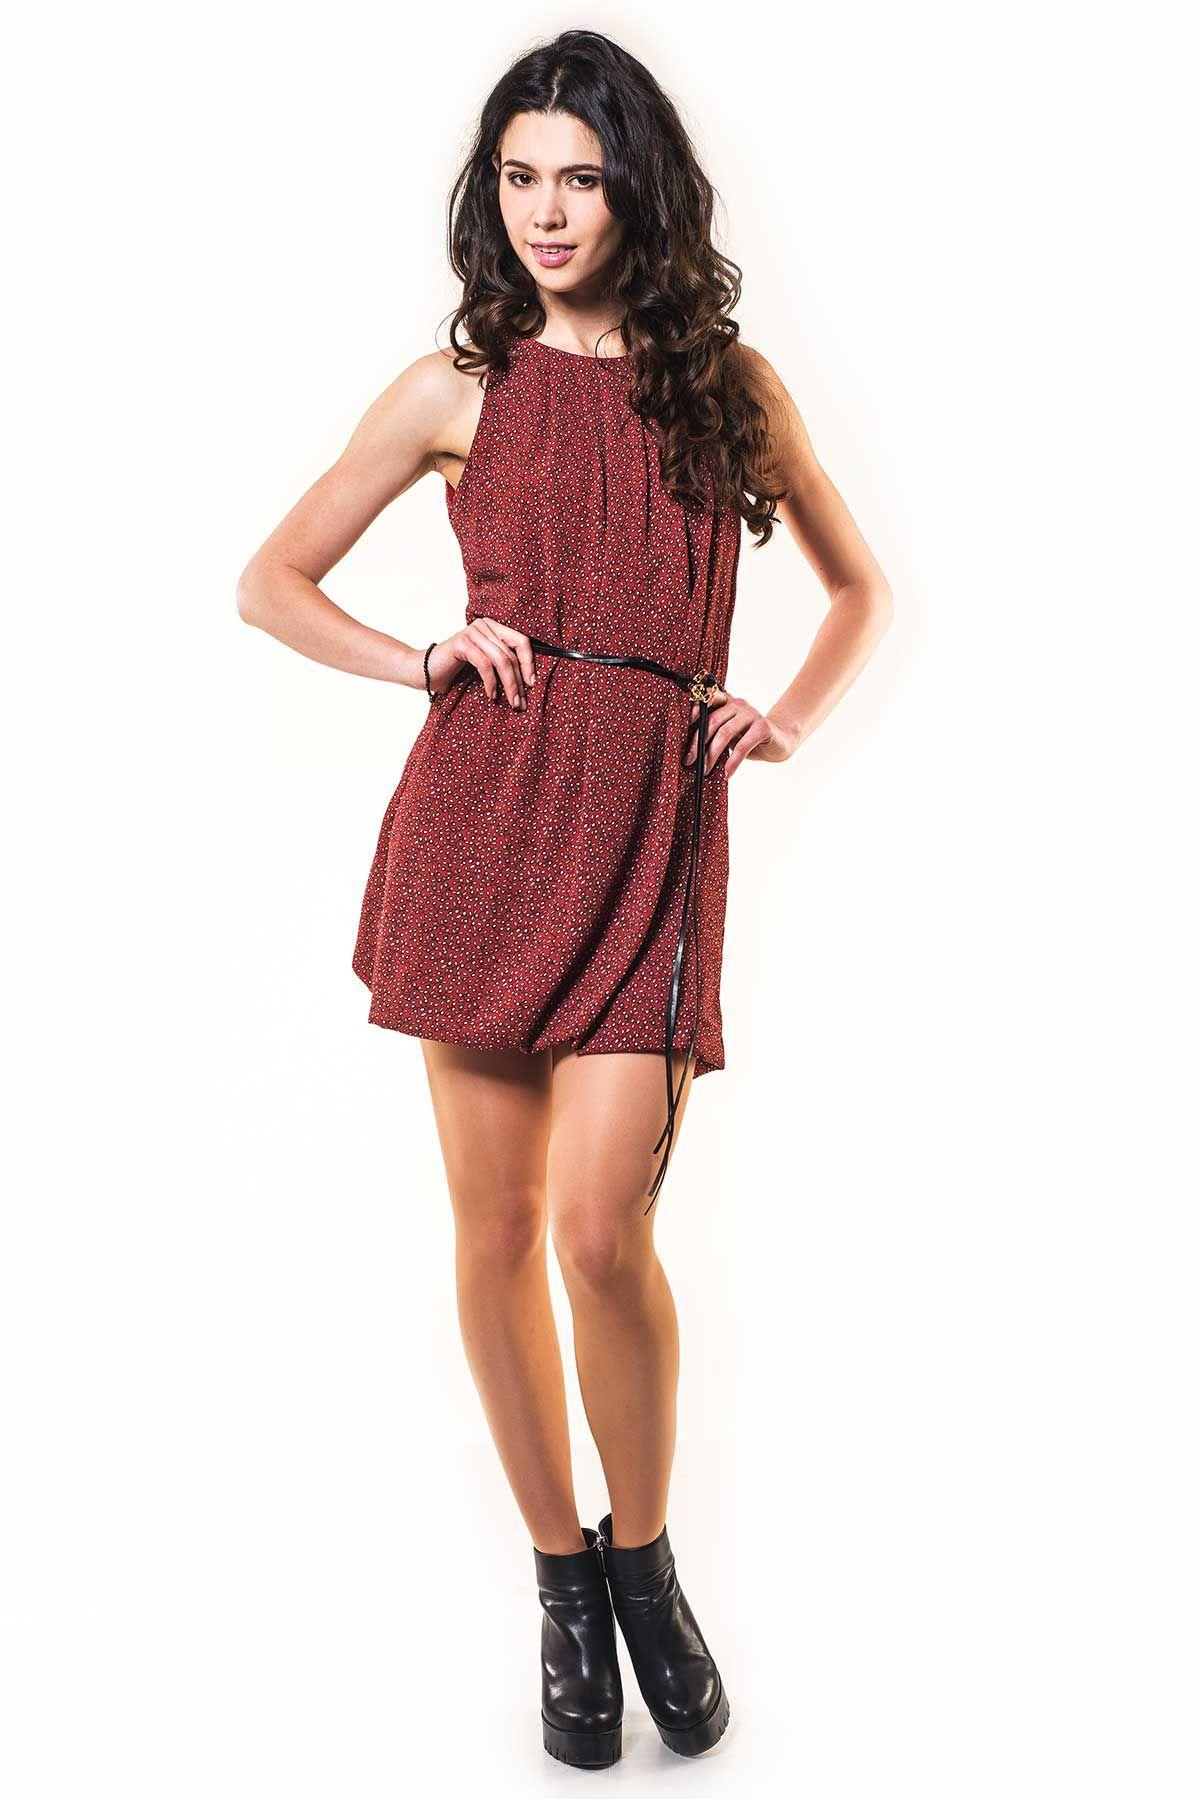 Платье женское Savage арт. 615537 цвет cherry купить в Минске в интернет-магазине - afashion.by